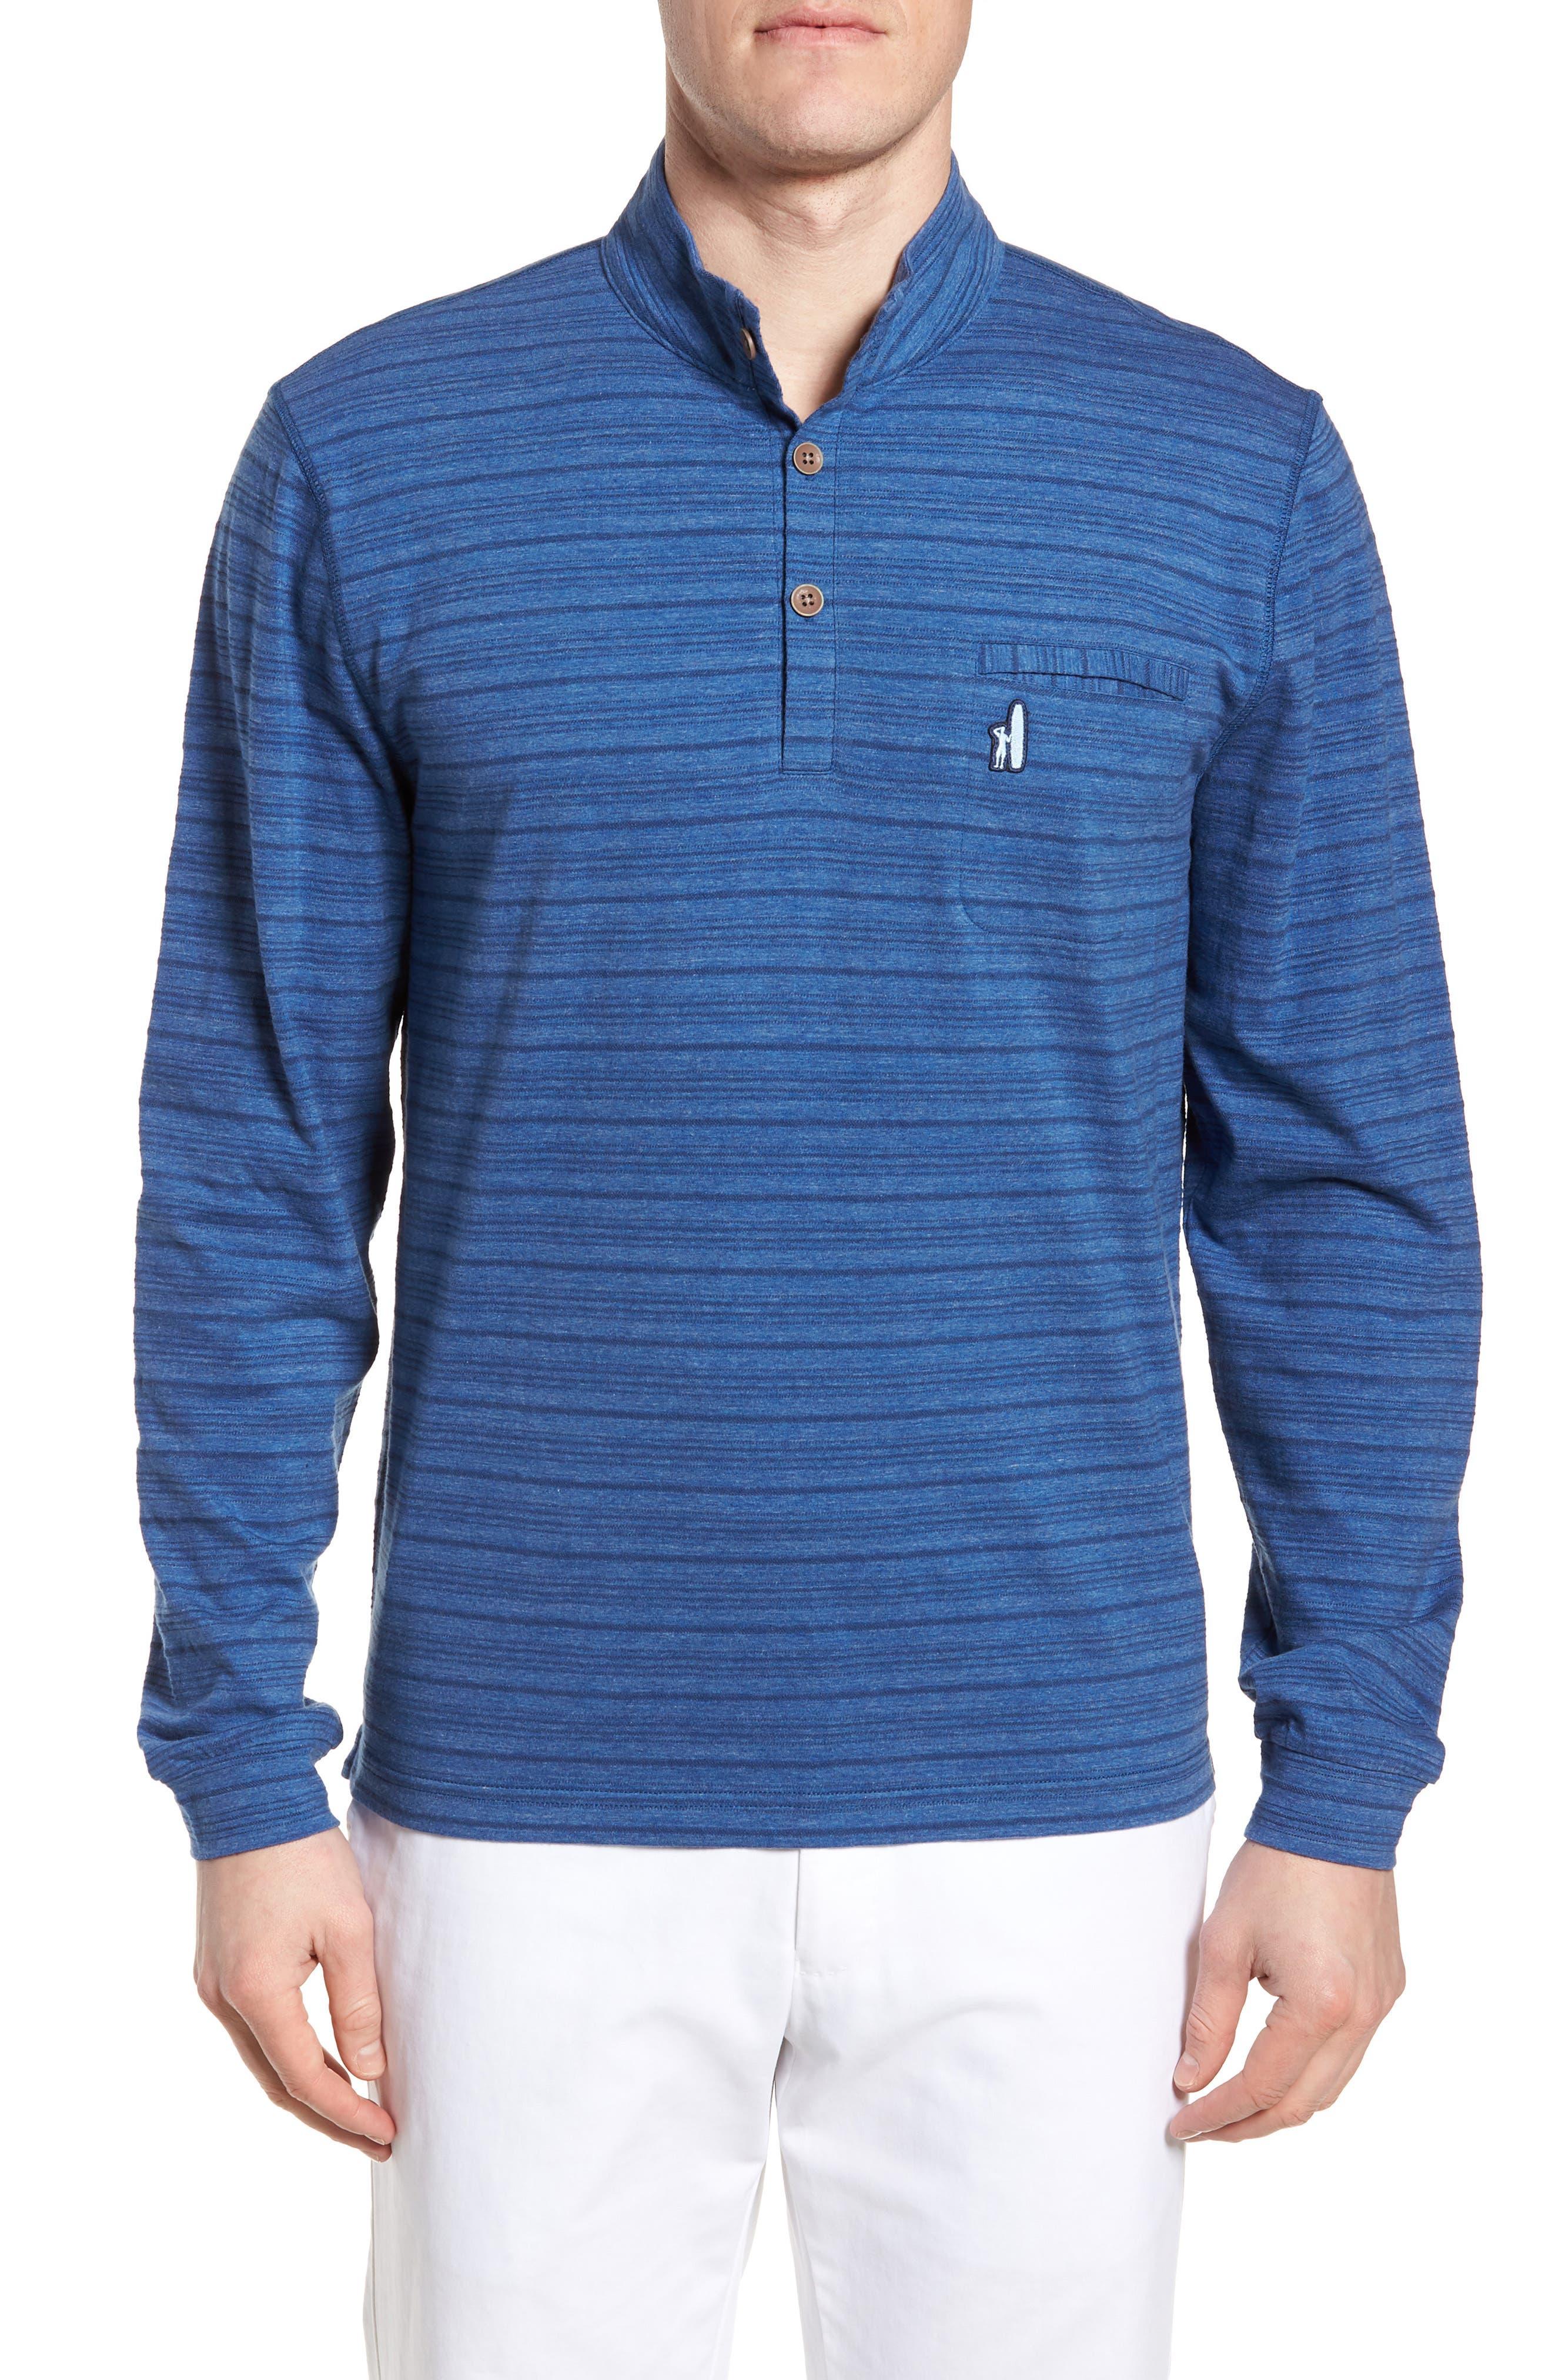 Calder Regular Fit T-Shirt,                         Main,                         color, Regatta